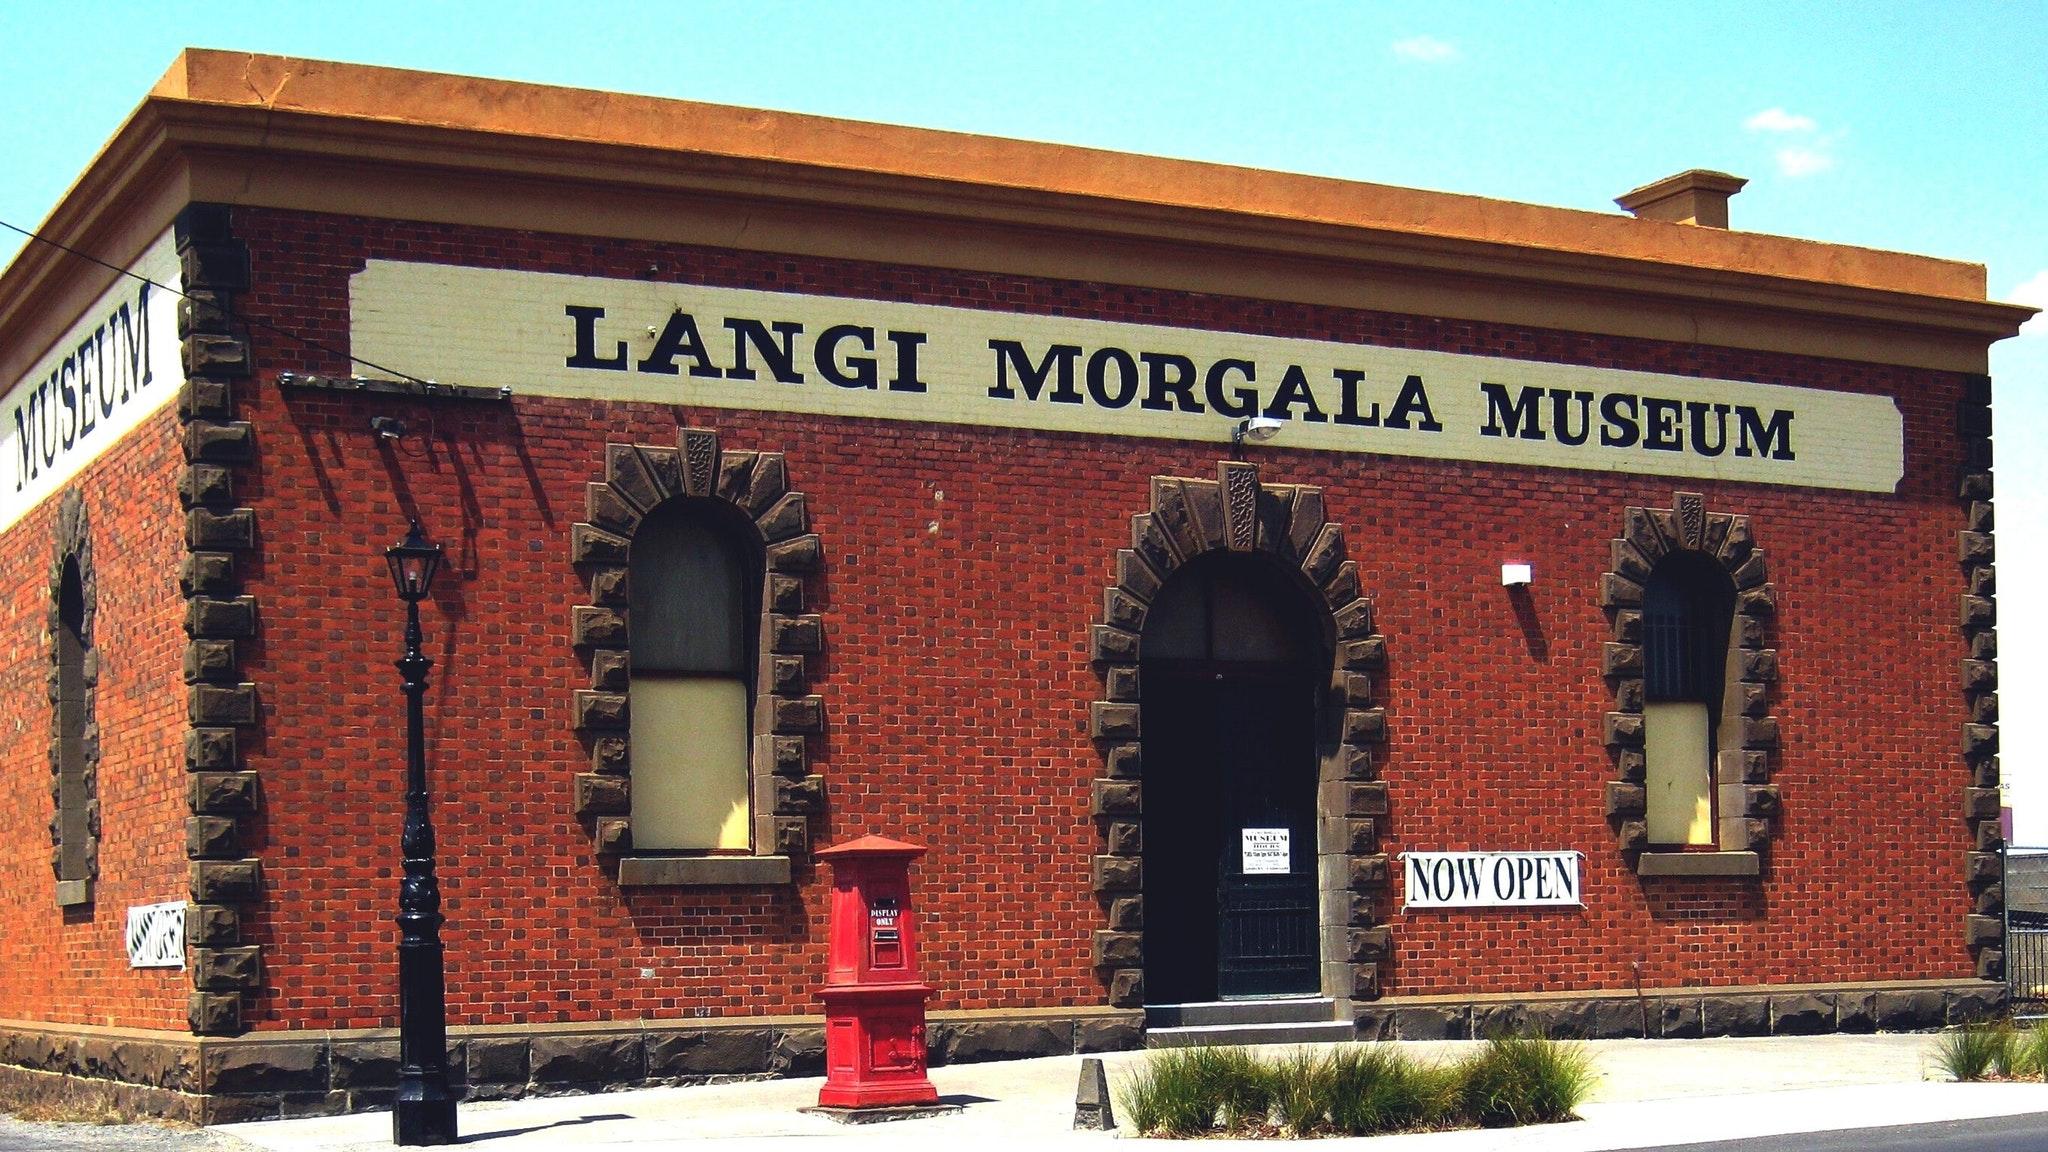 Langi Morgala Museum